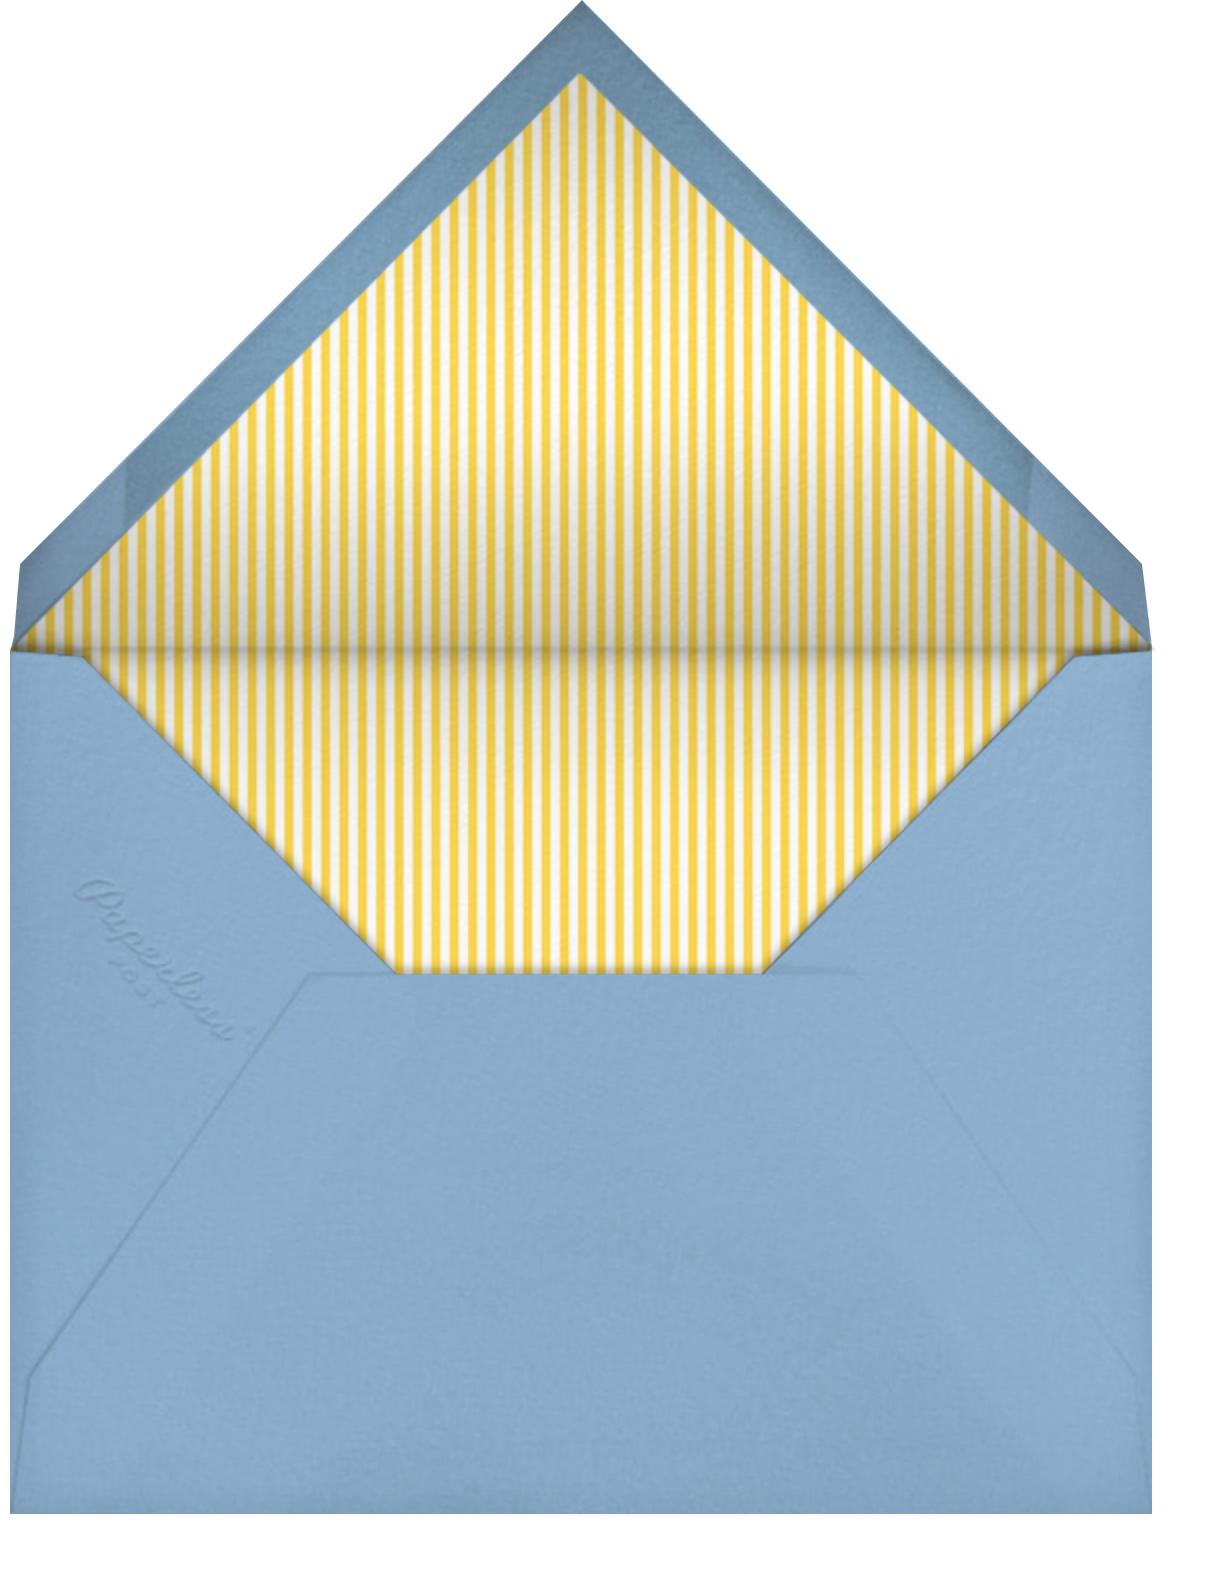 Sweet Celebration - Little Cube - Kids' birthday - envelope back